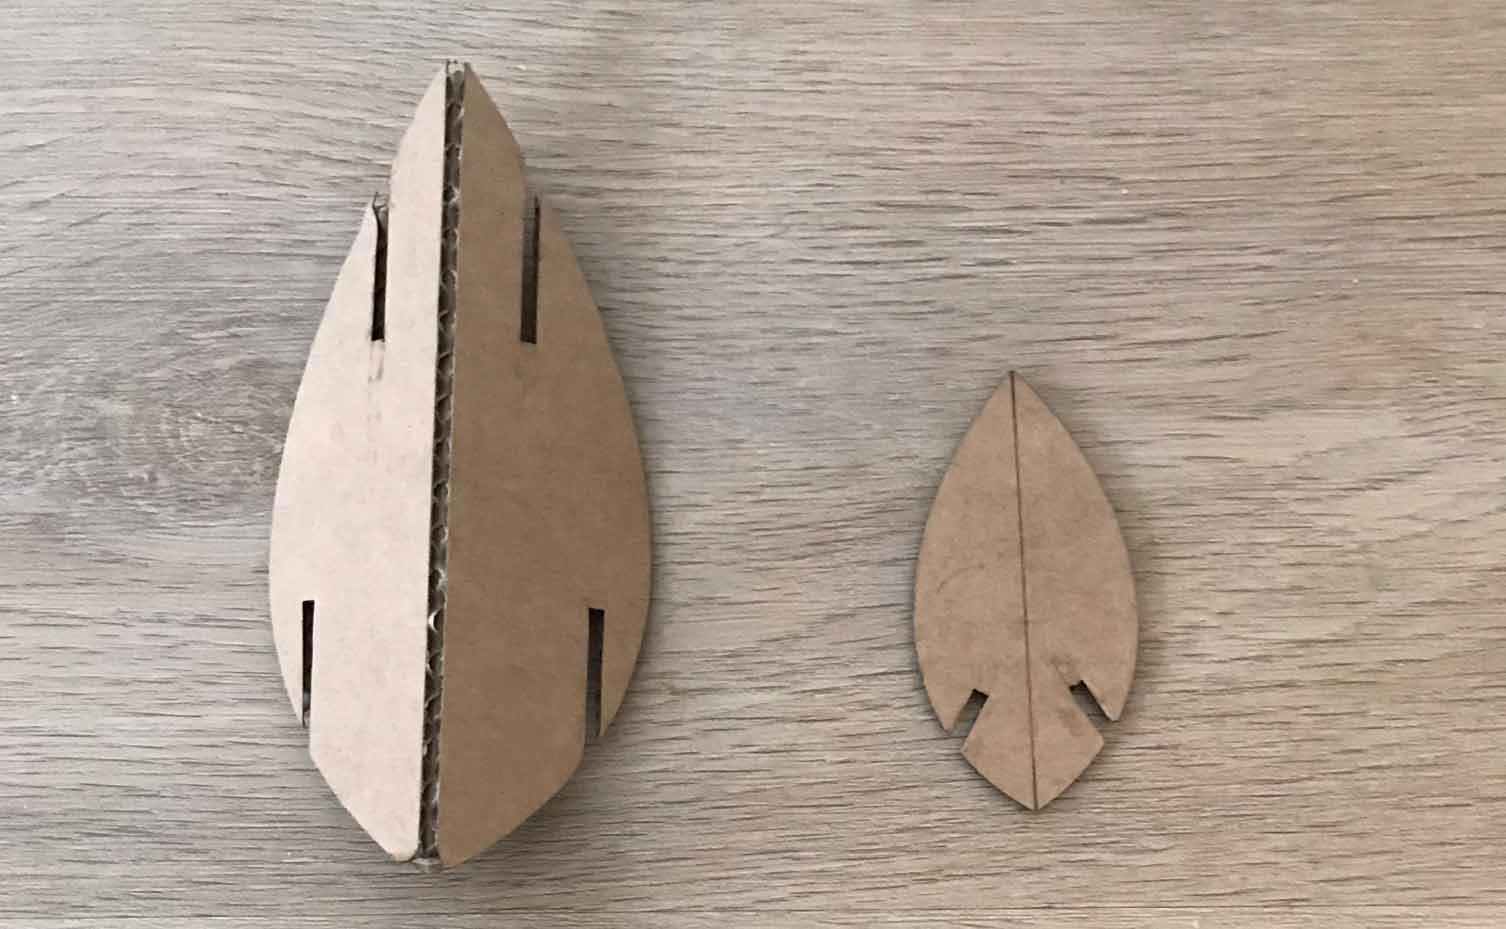 leaf construction kit